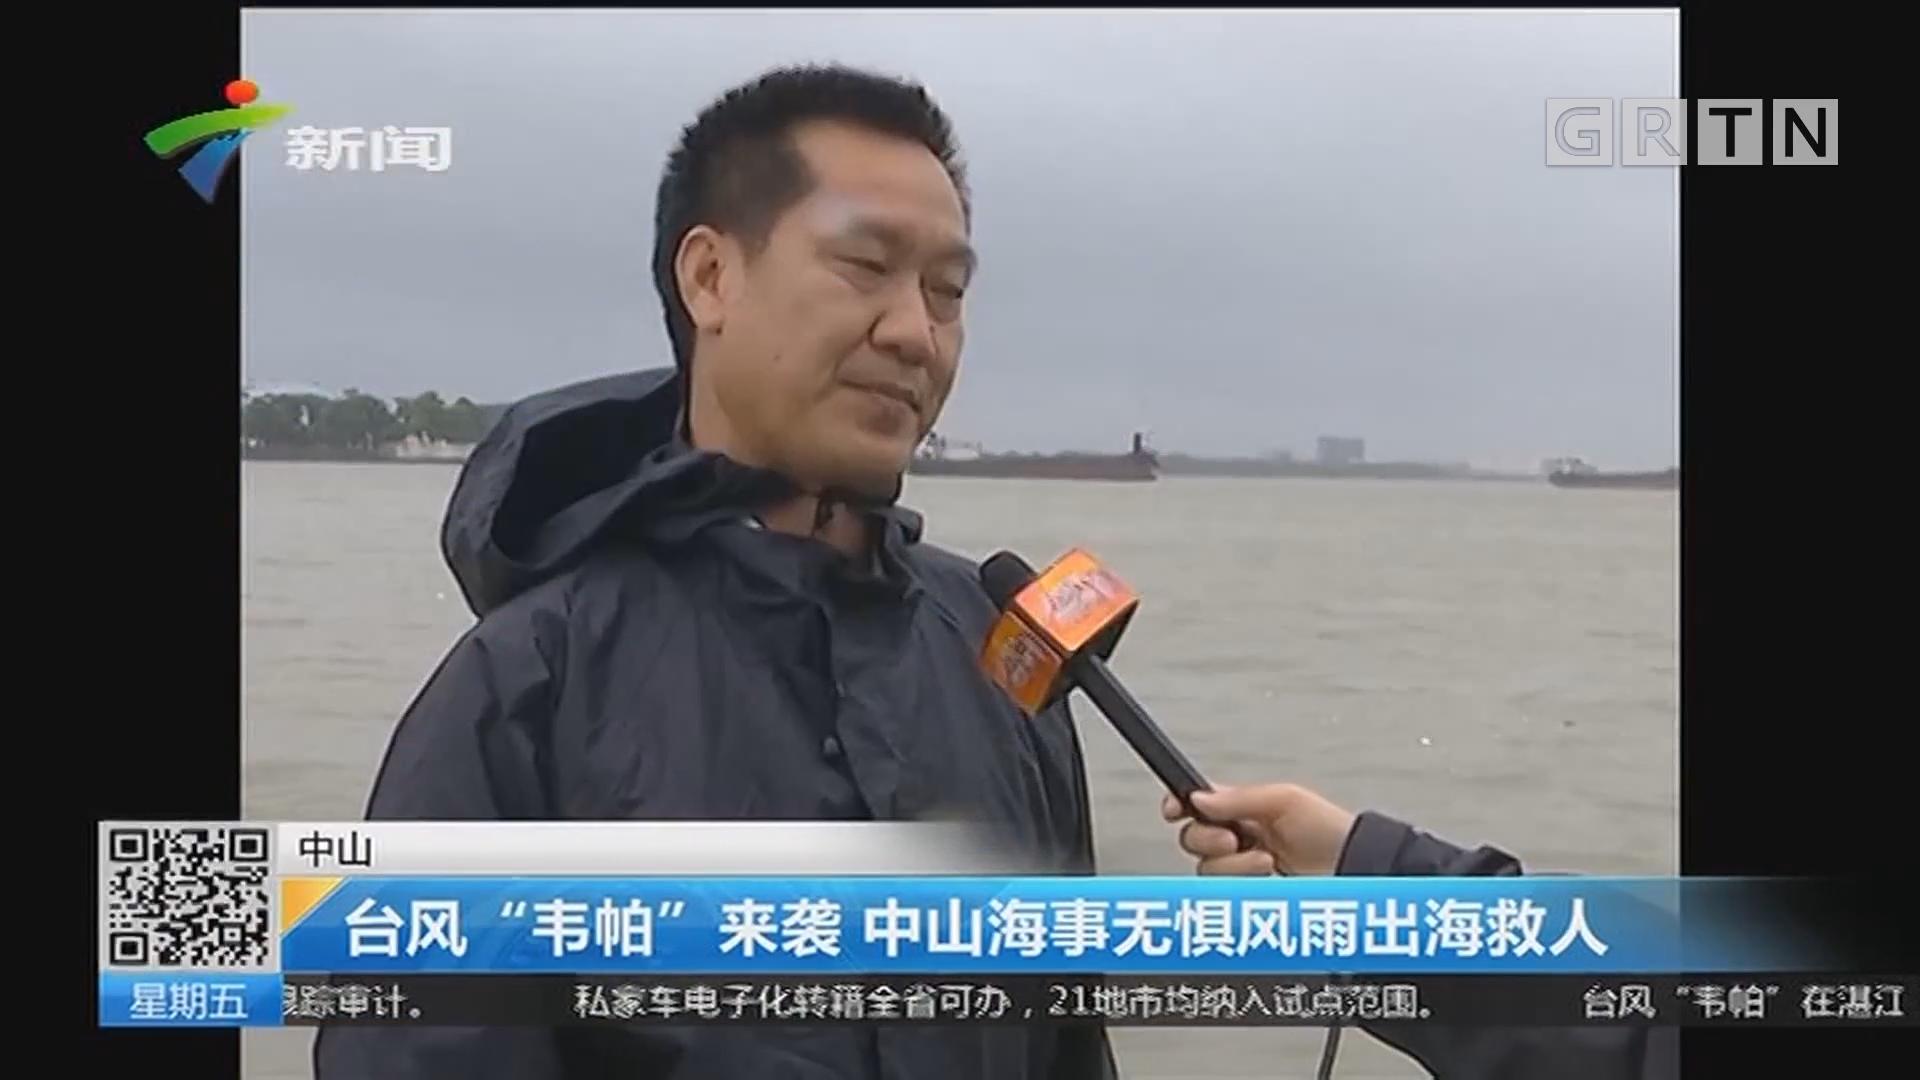 """中山 台风""""韦帕""""来袭 中山海事无惧风雨出海救人"""